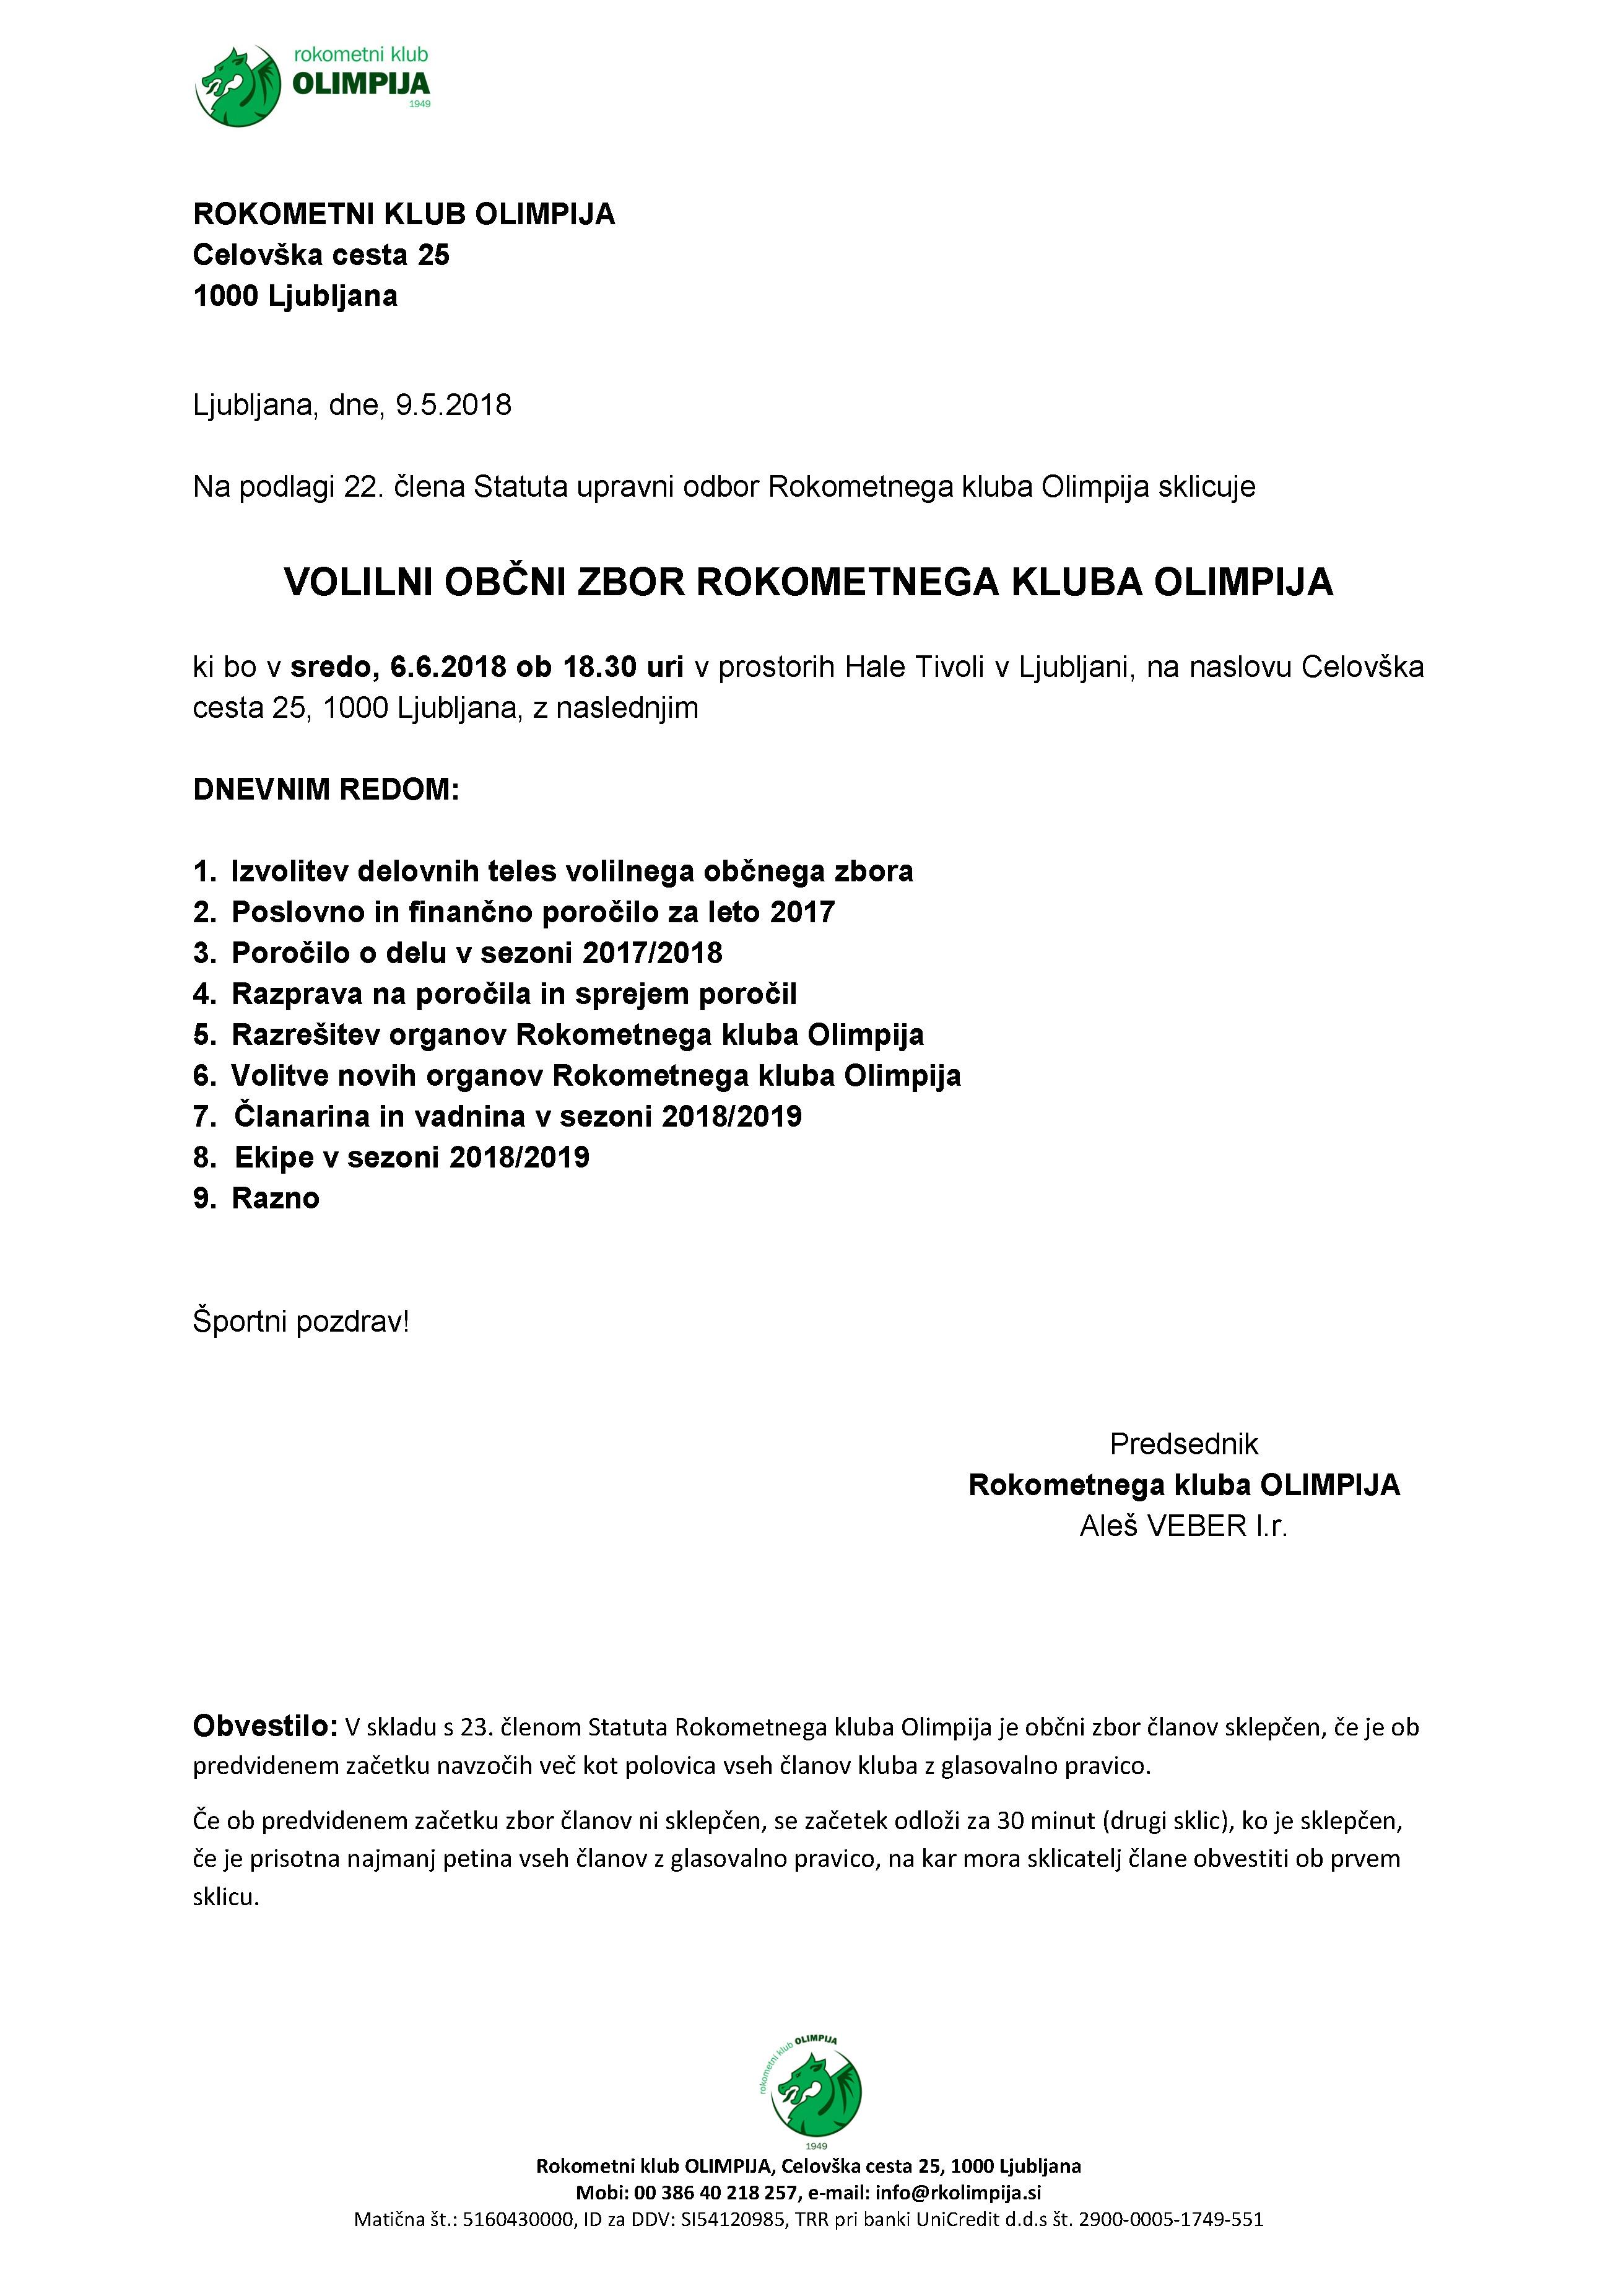 Obvestilo: Volilni občni zbor Rokometnega kluba Olimpija